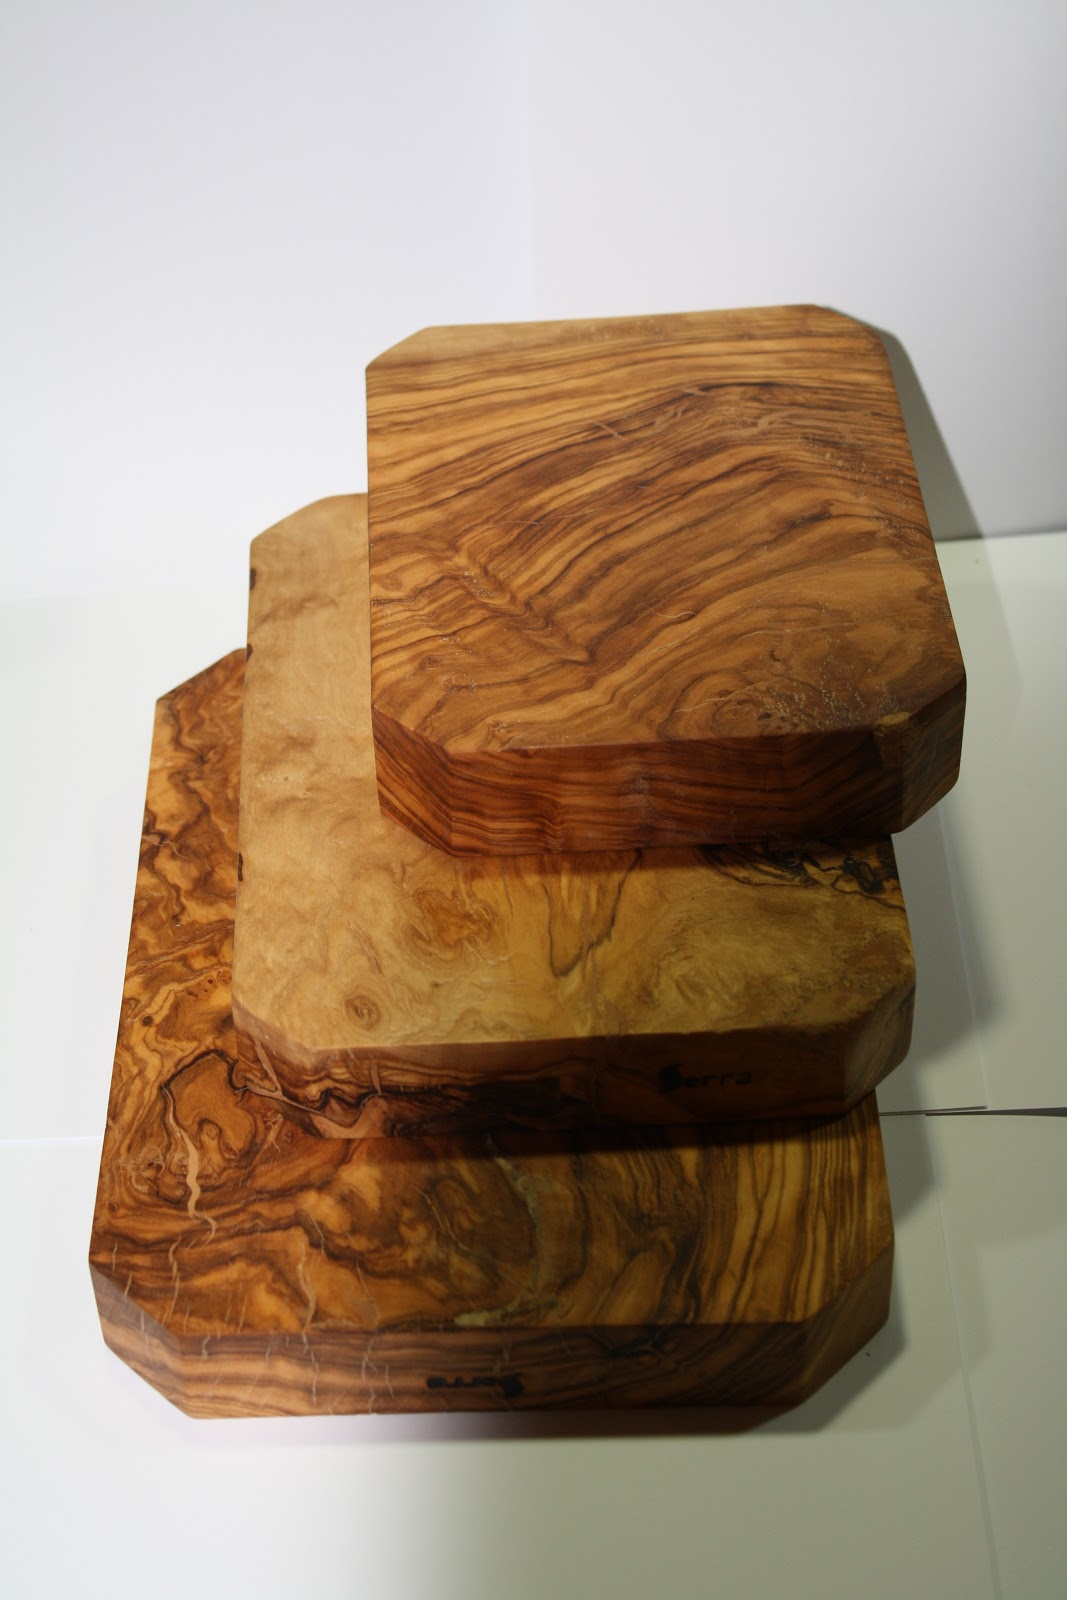 Artesania en madera de olivo utensilios de cocina 1 for Tablas de olivo para cocina